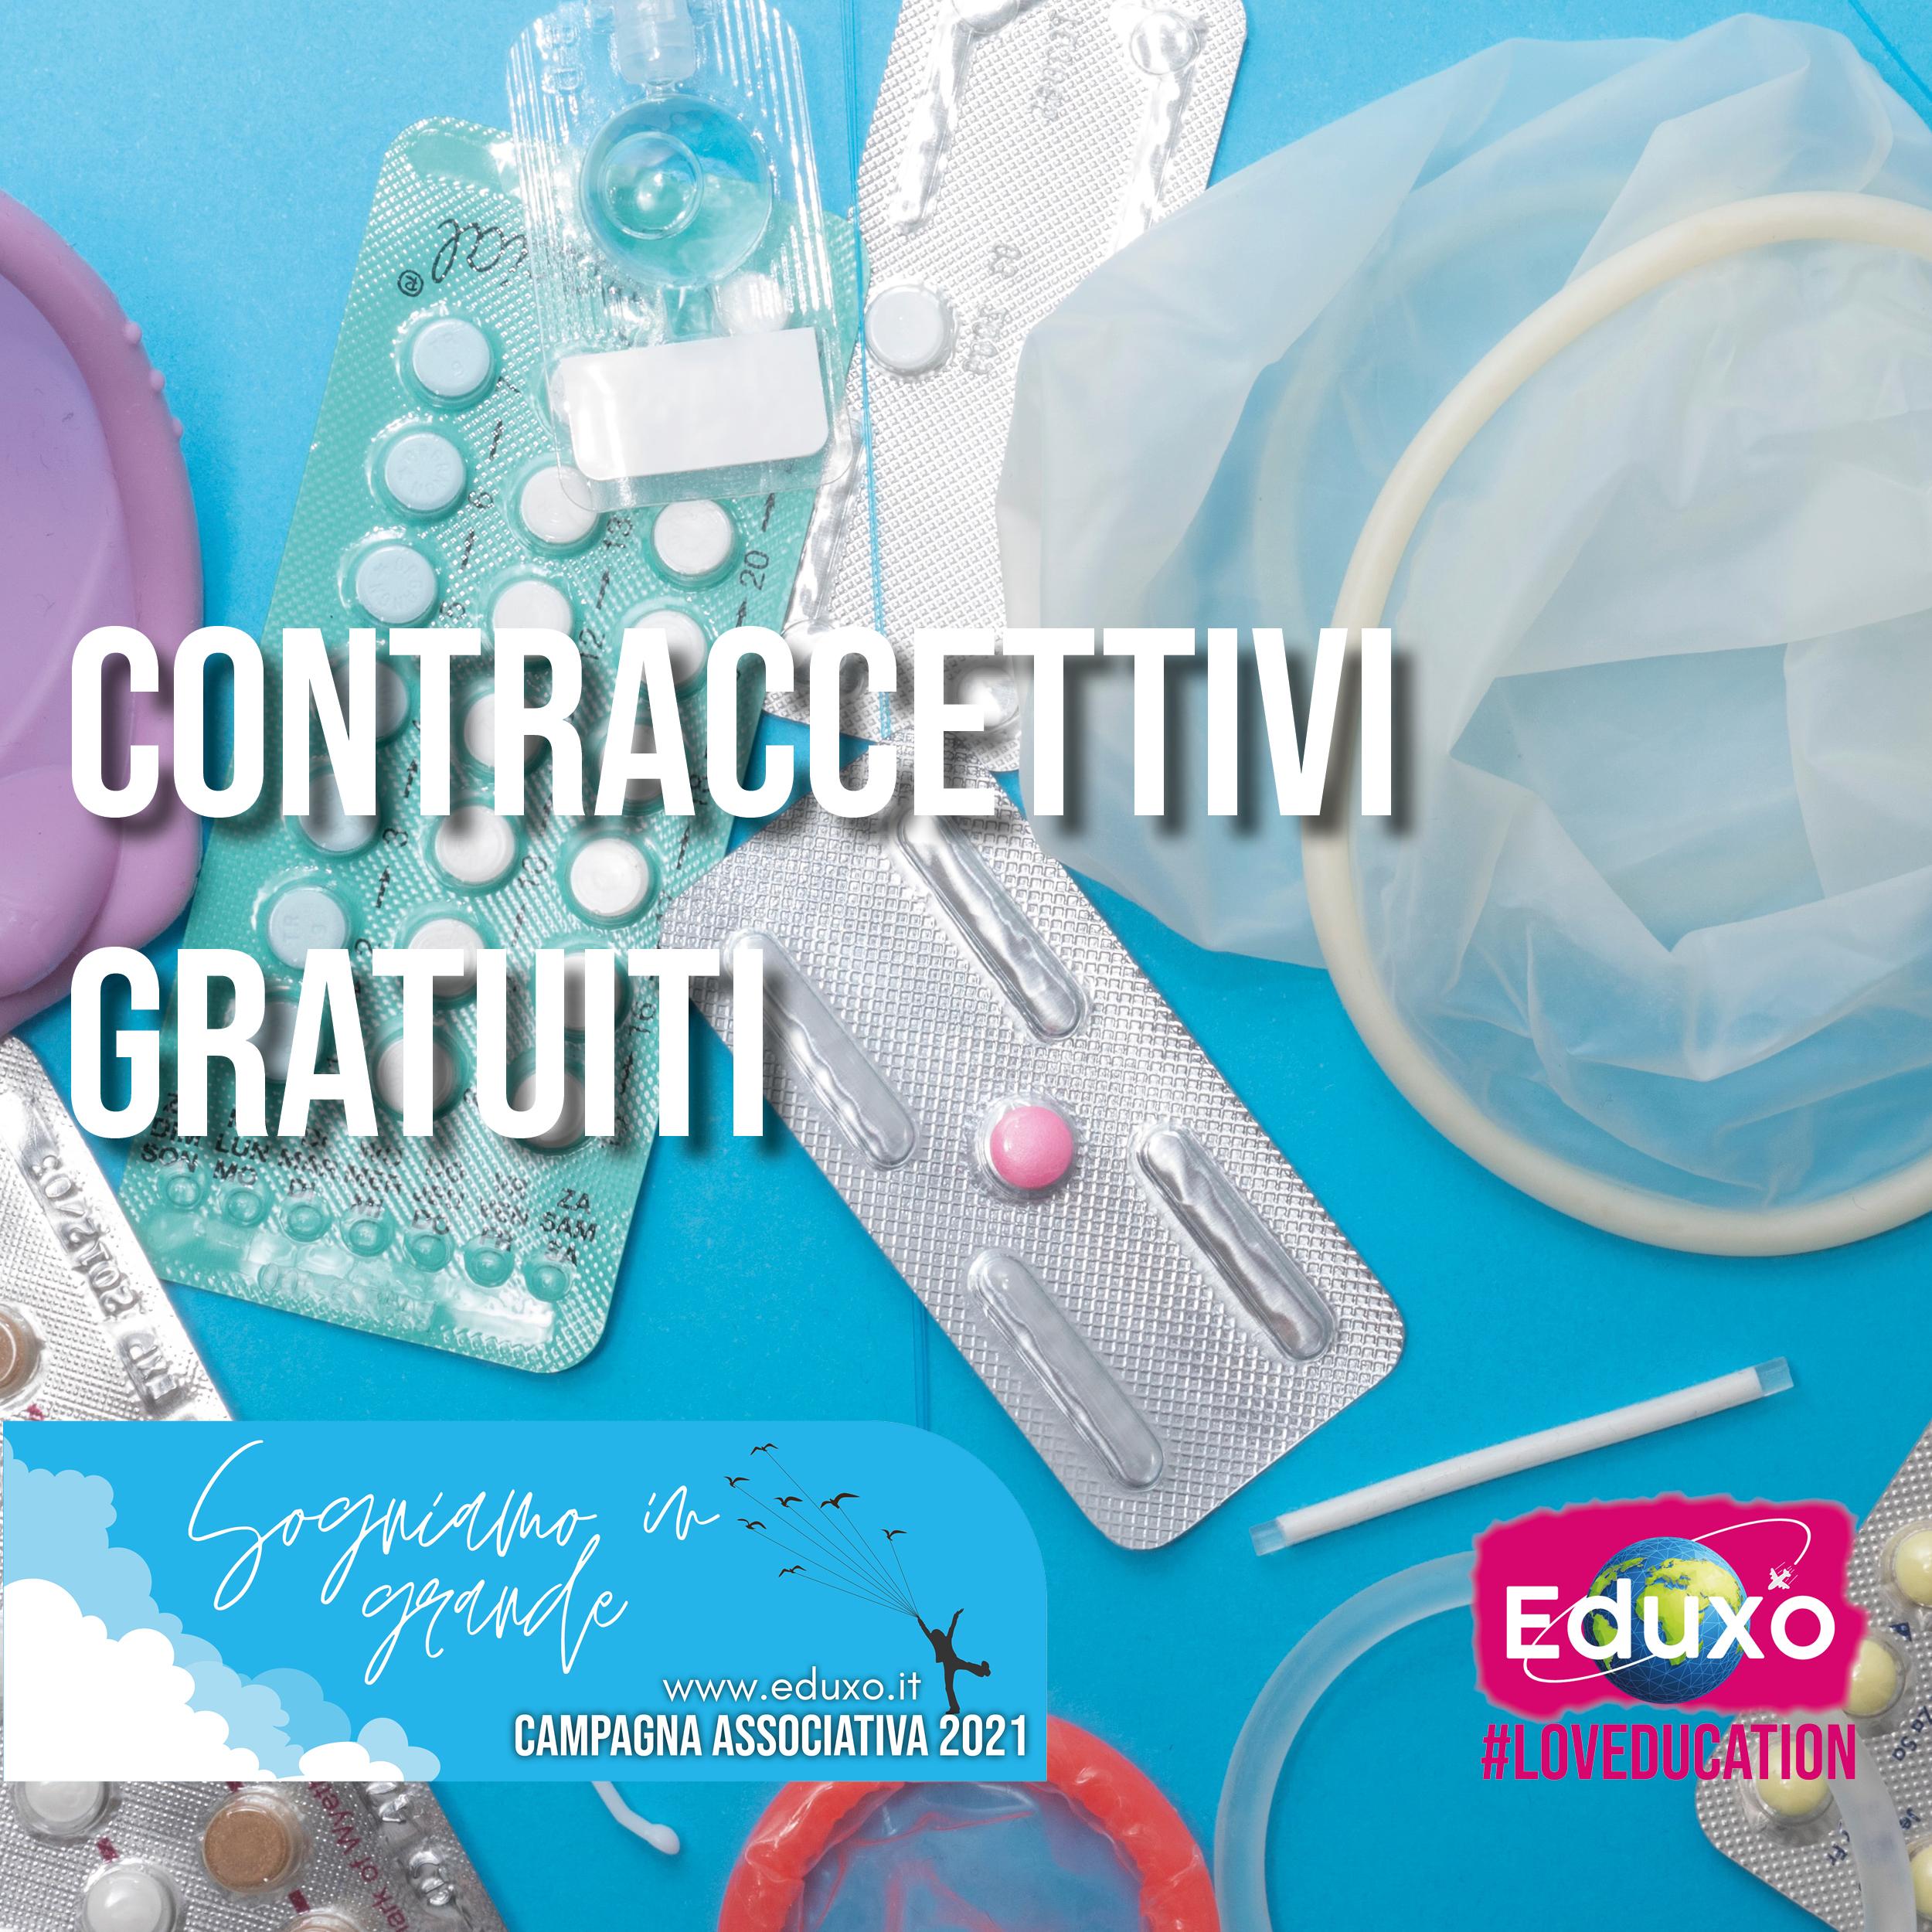 Contraccettivi gratuiti